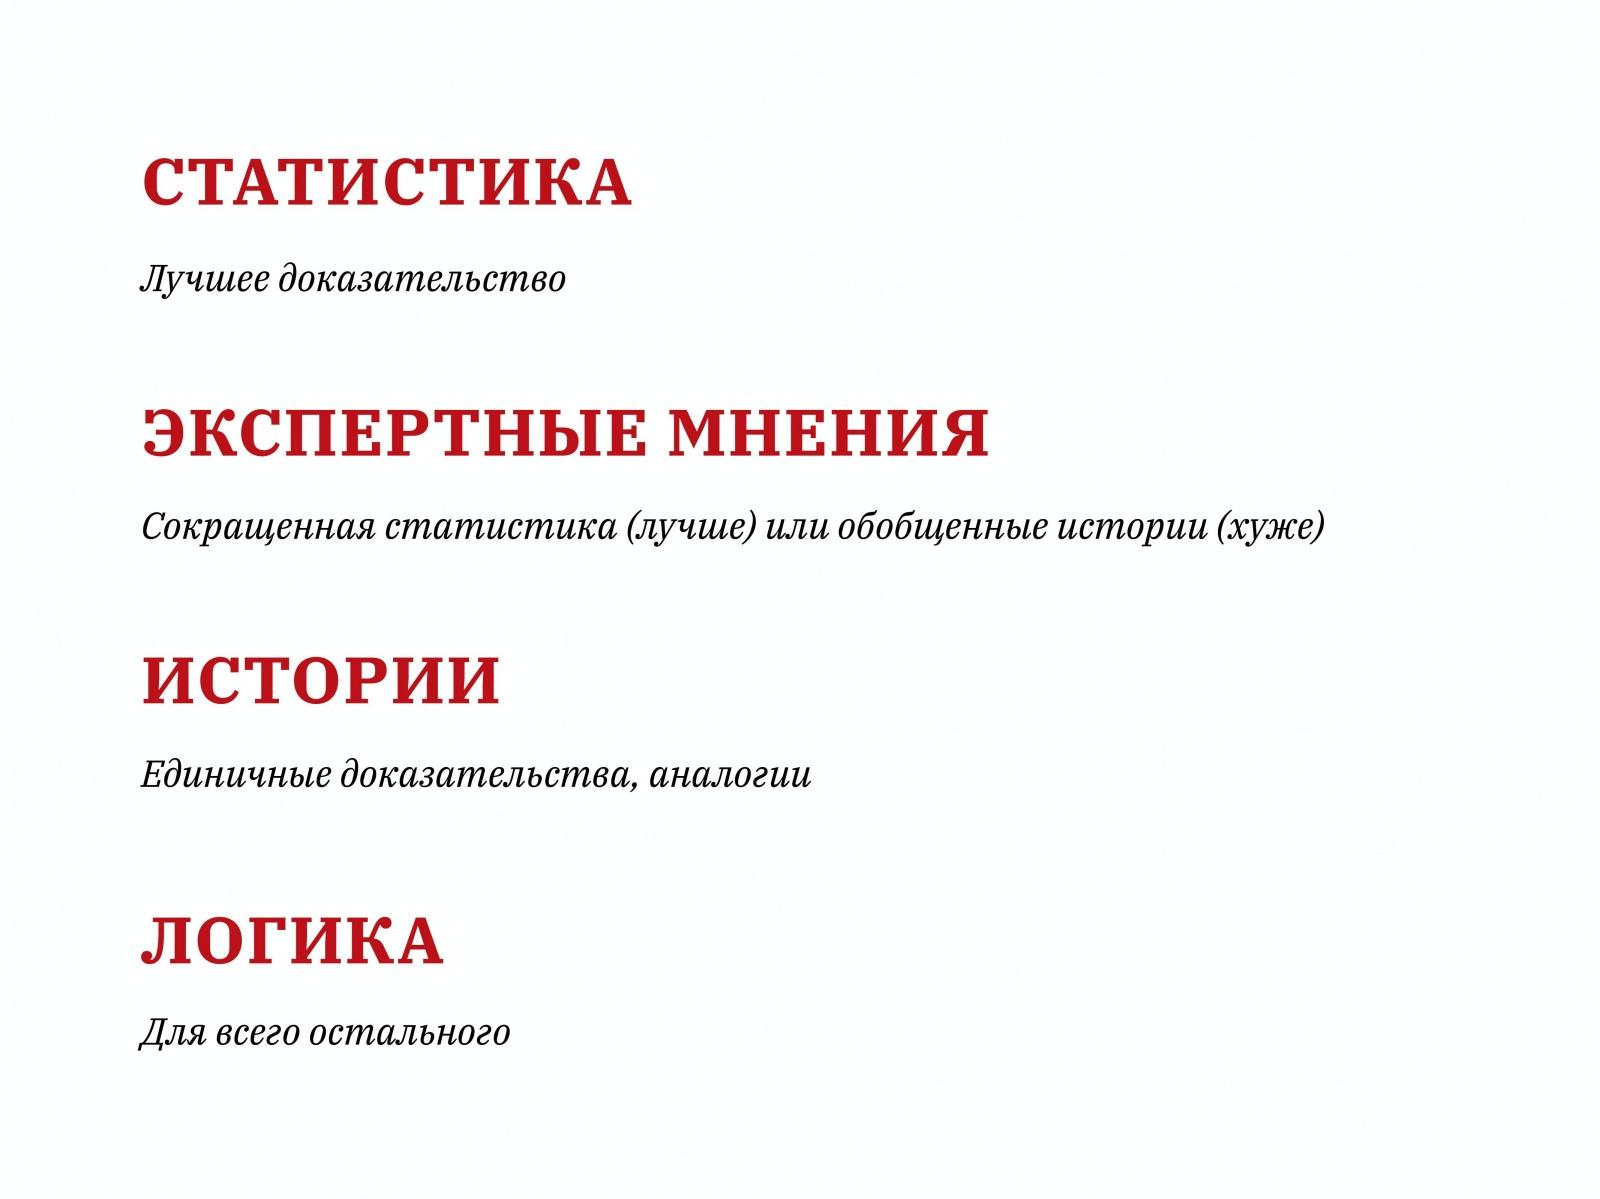 Алексей Каптерев: Критическое мышление 101 (часть 2) - 88